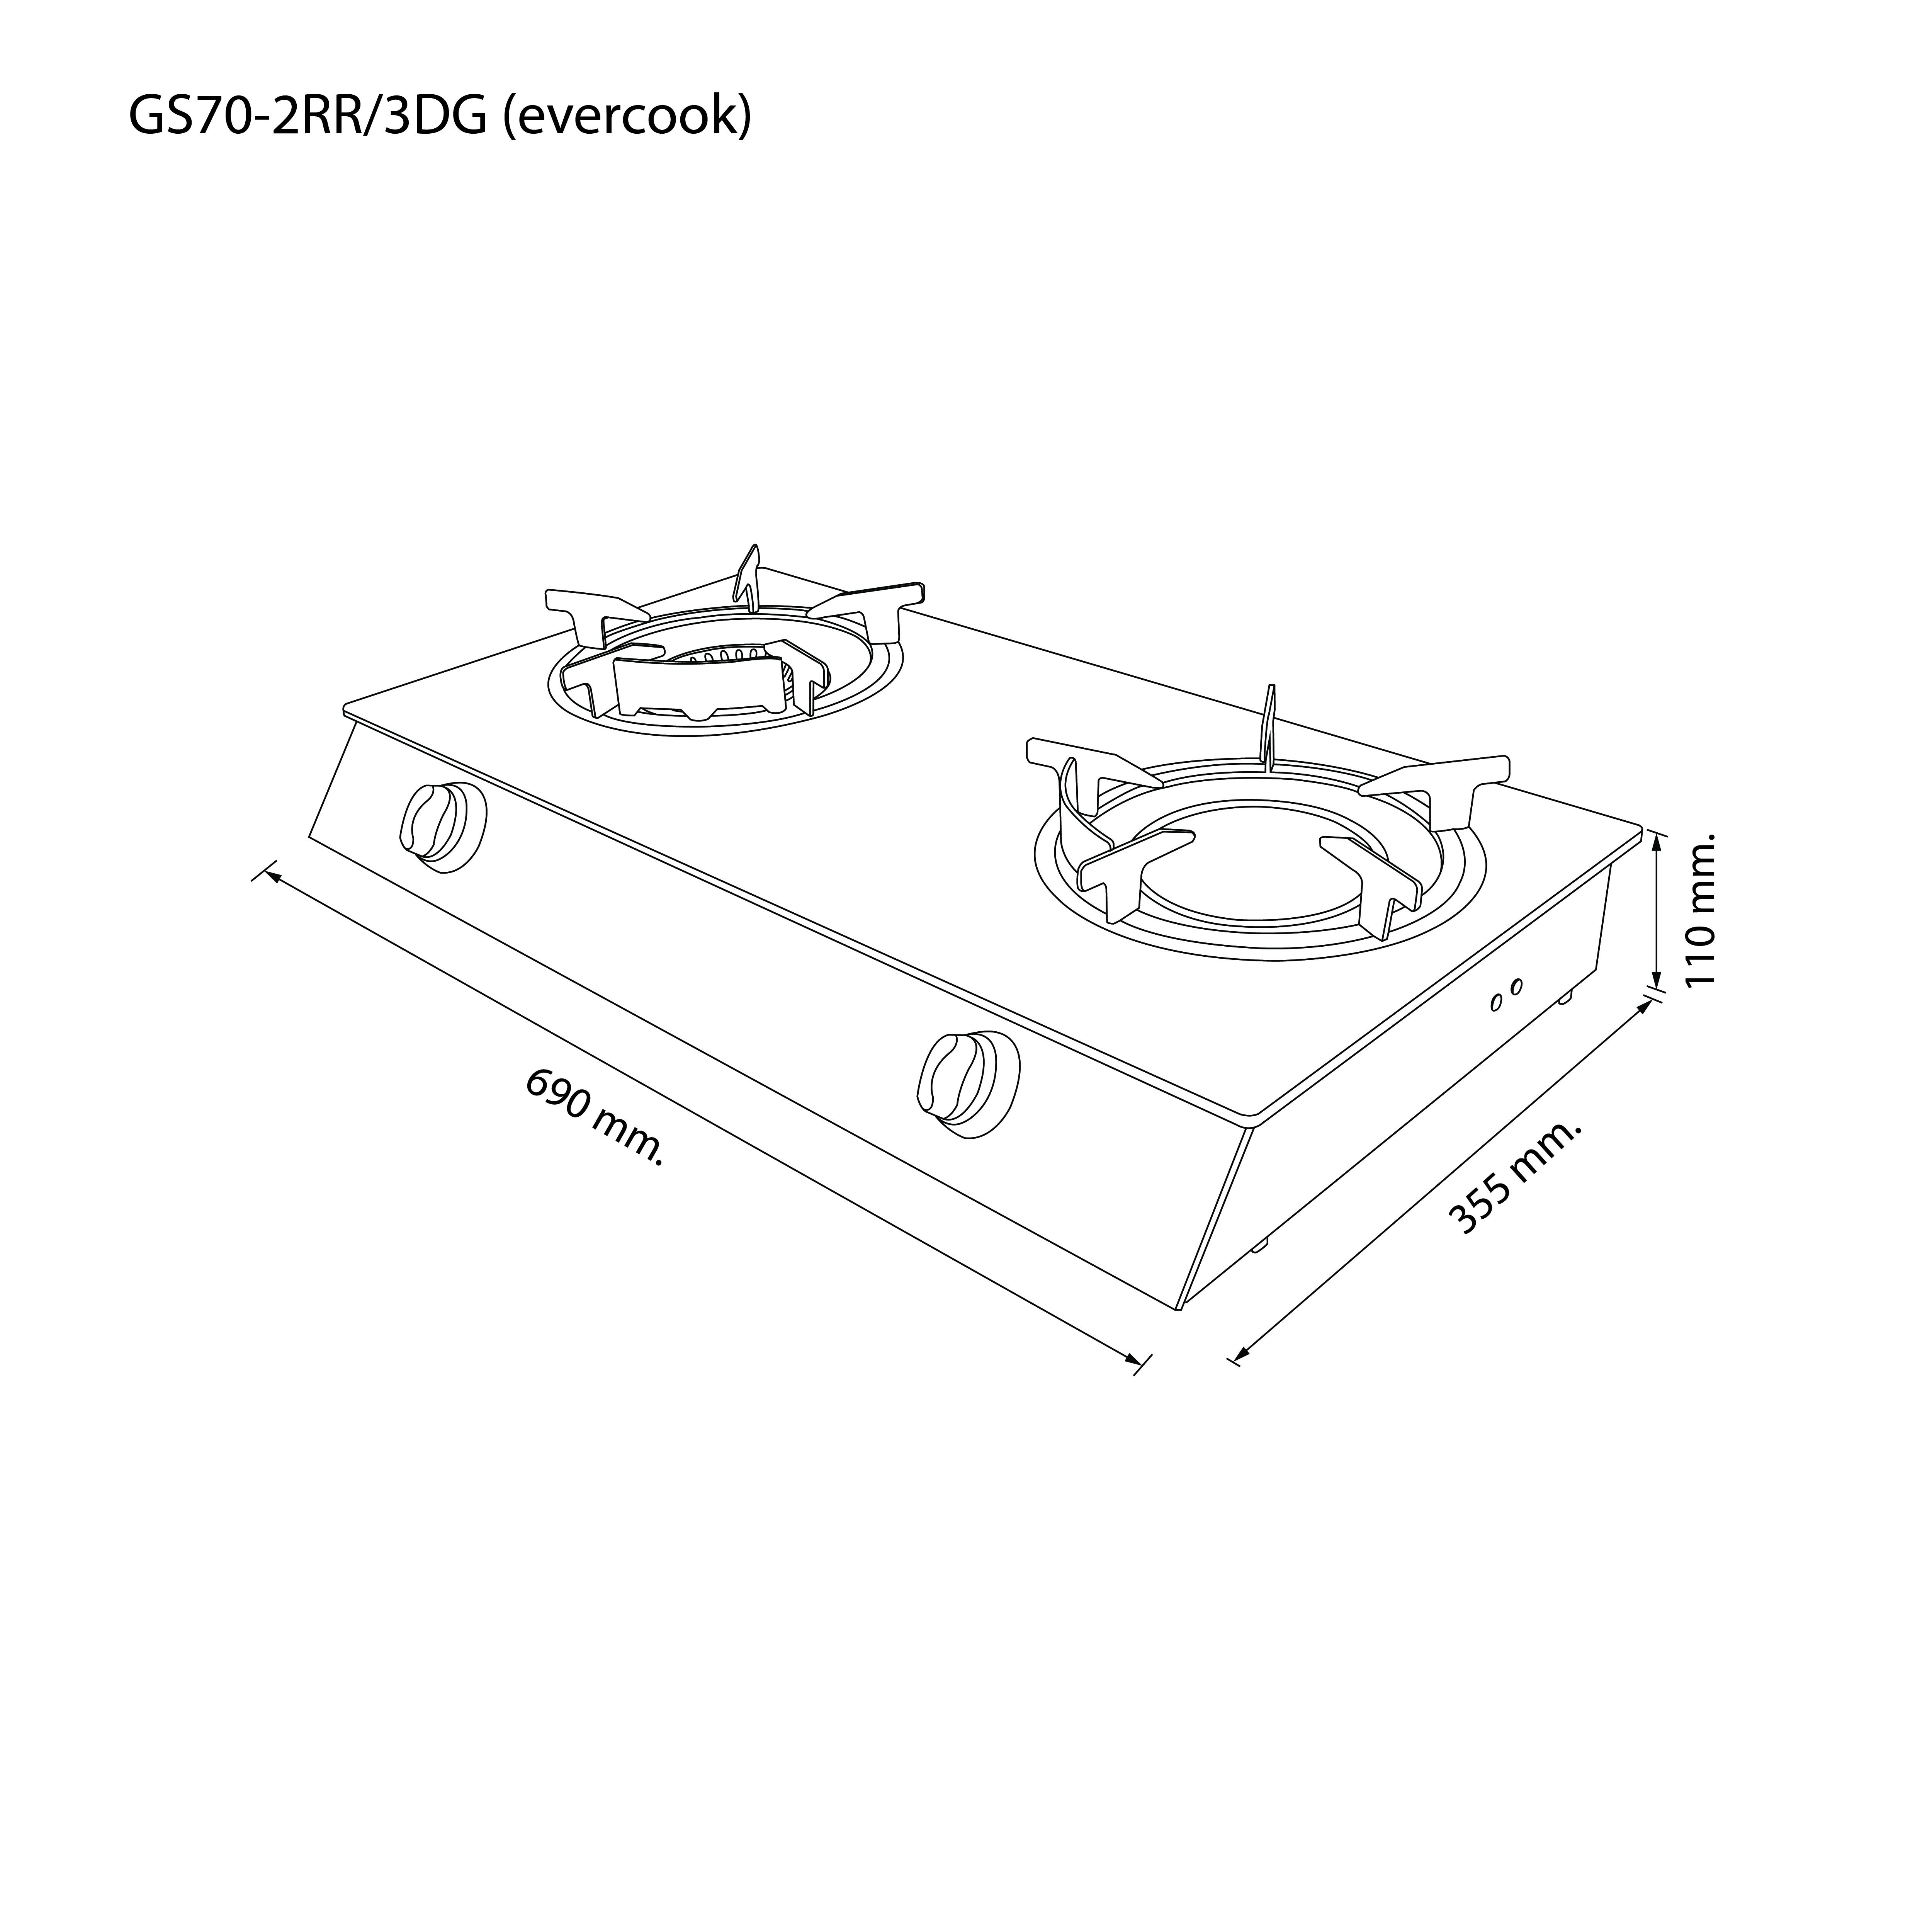 เตาแก๊ส 2 หัว เตาแก๊สตั้งโต๊ะ หัวเตาแก๊ส GS70-2RR/3DG (evercook)